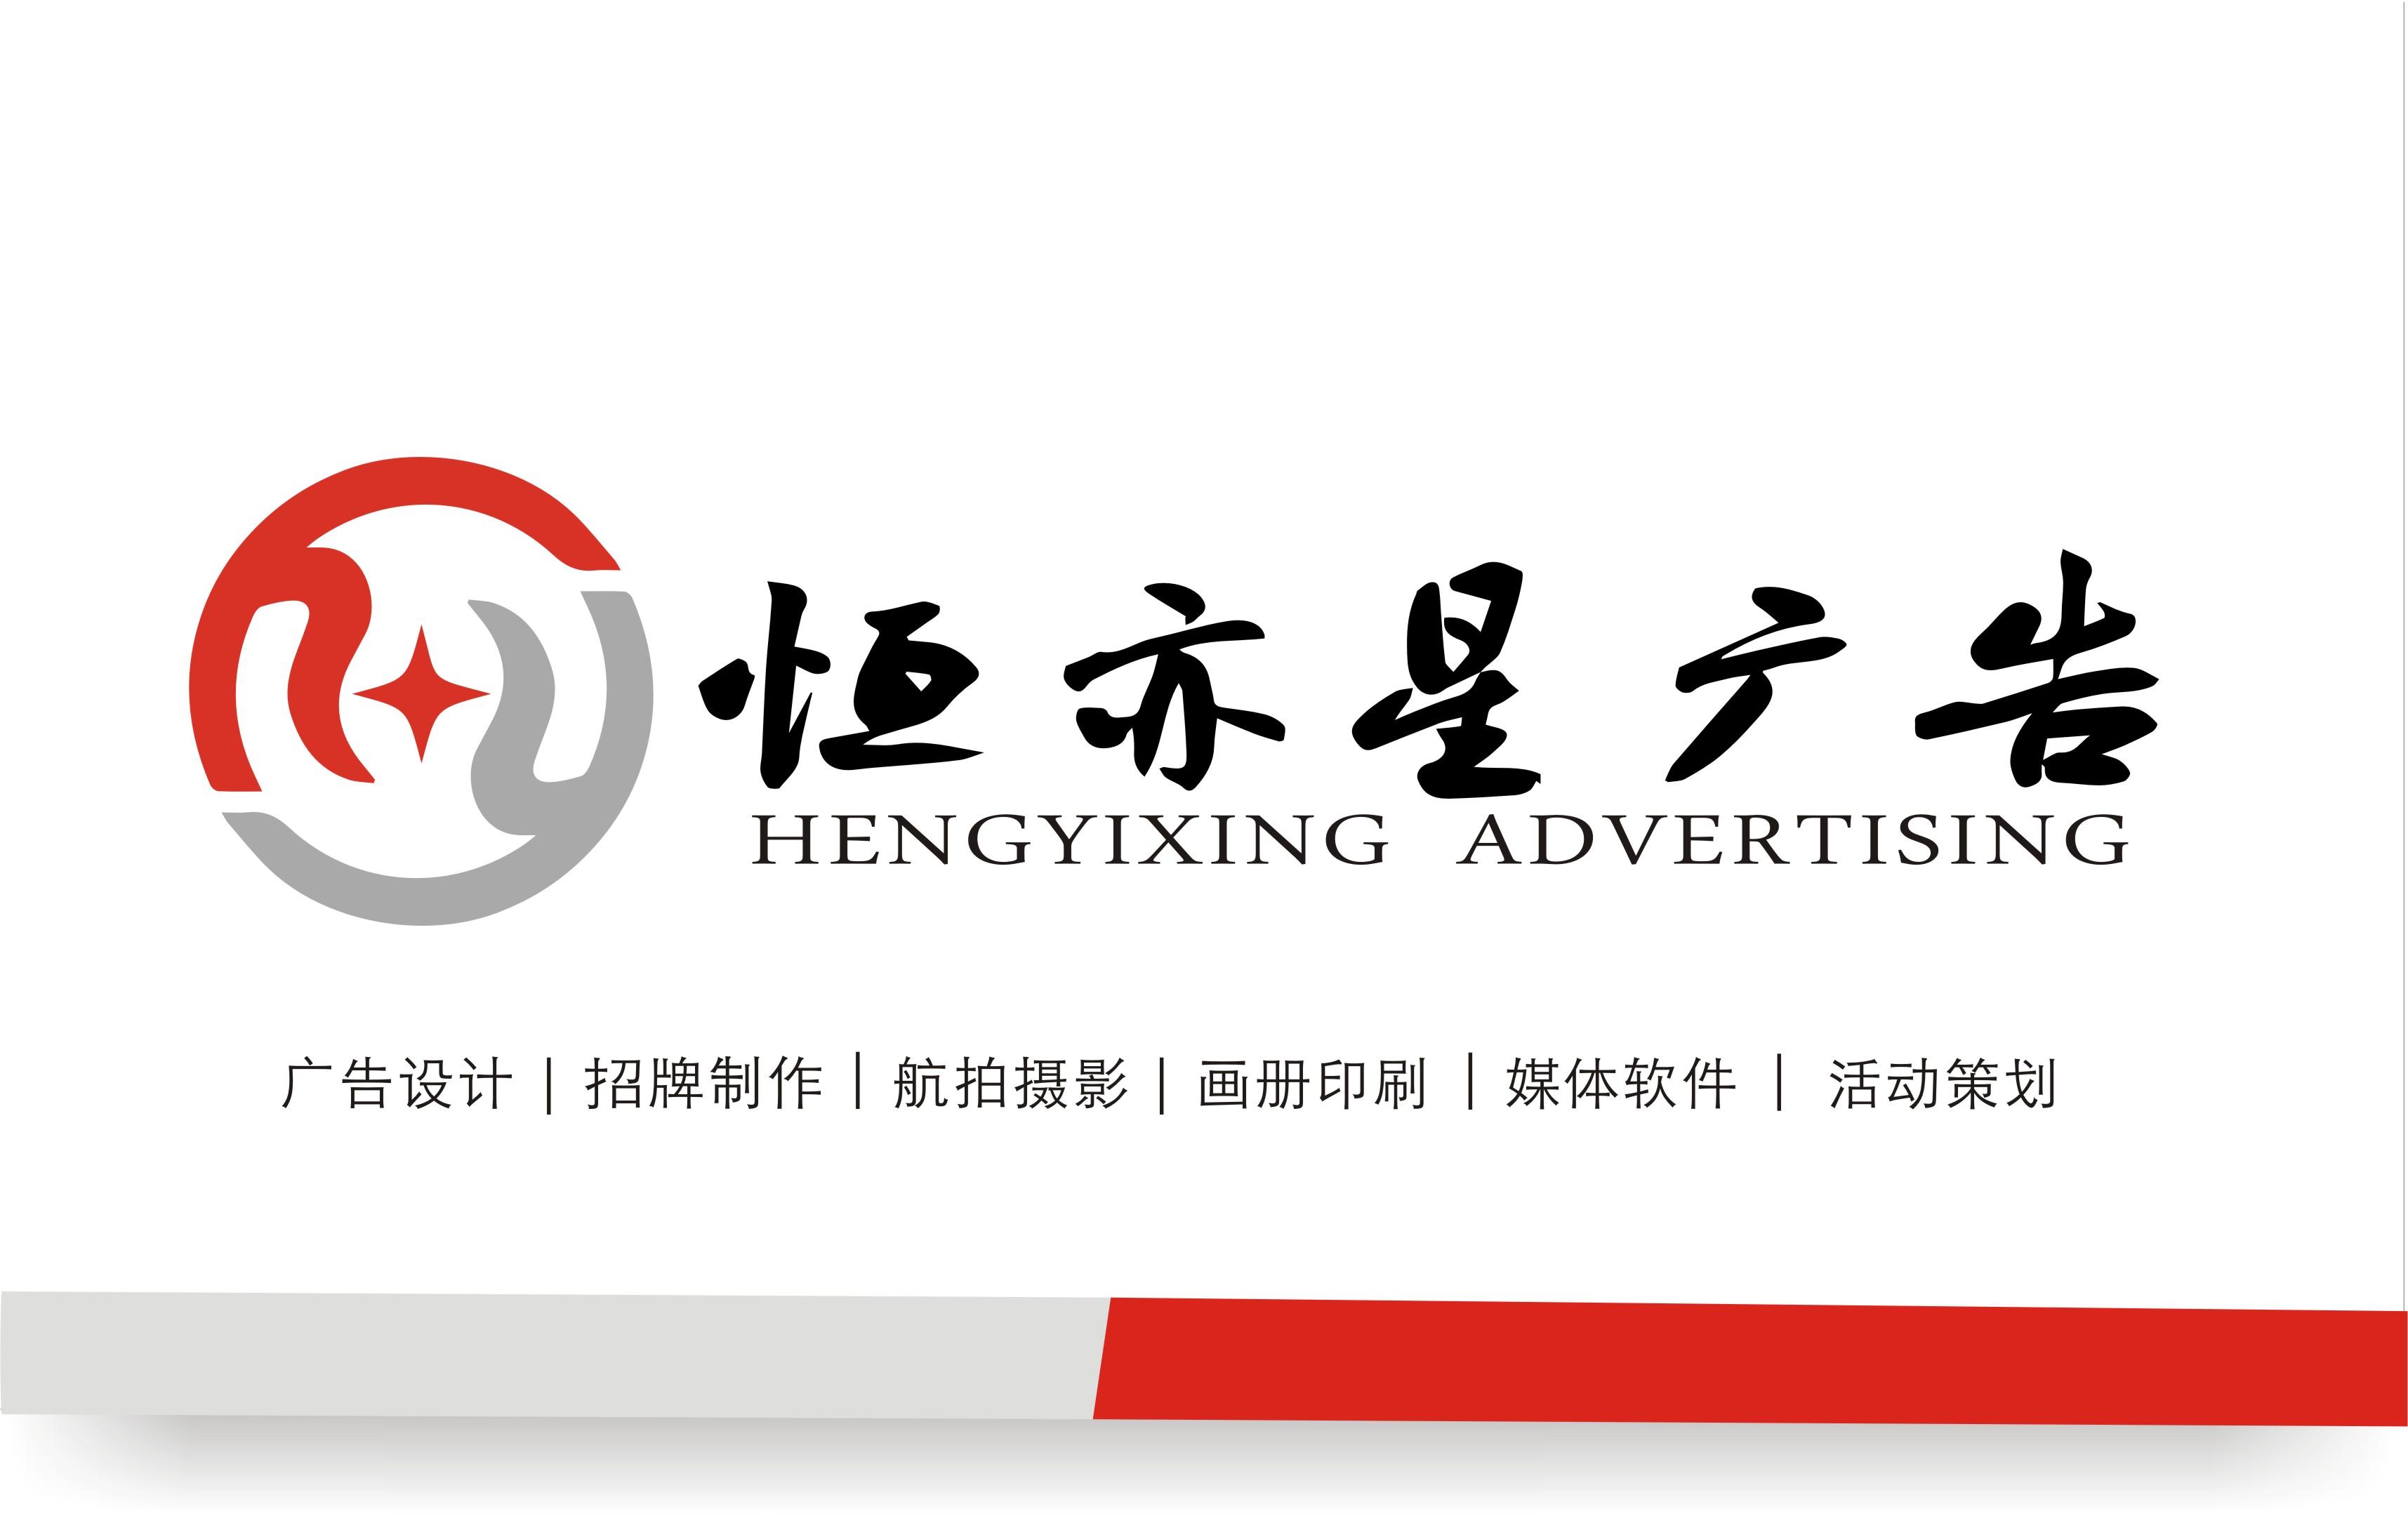 恒亦星广告传媒logo设计_3036975_k68威客网